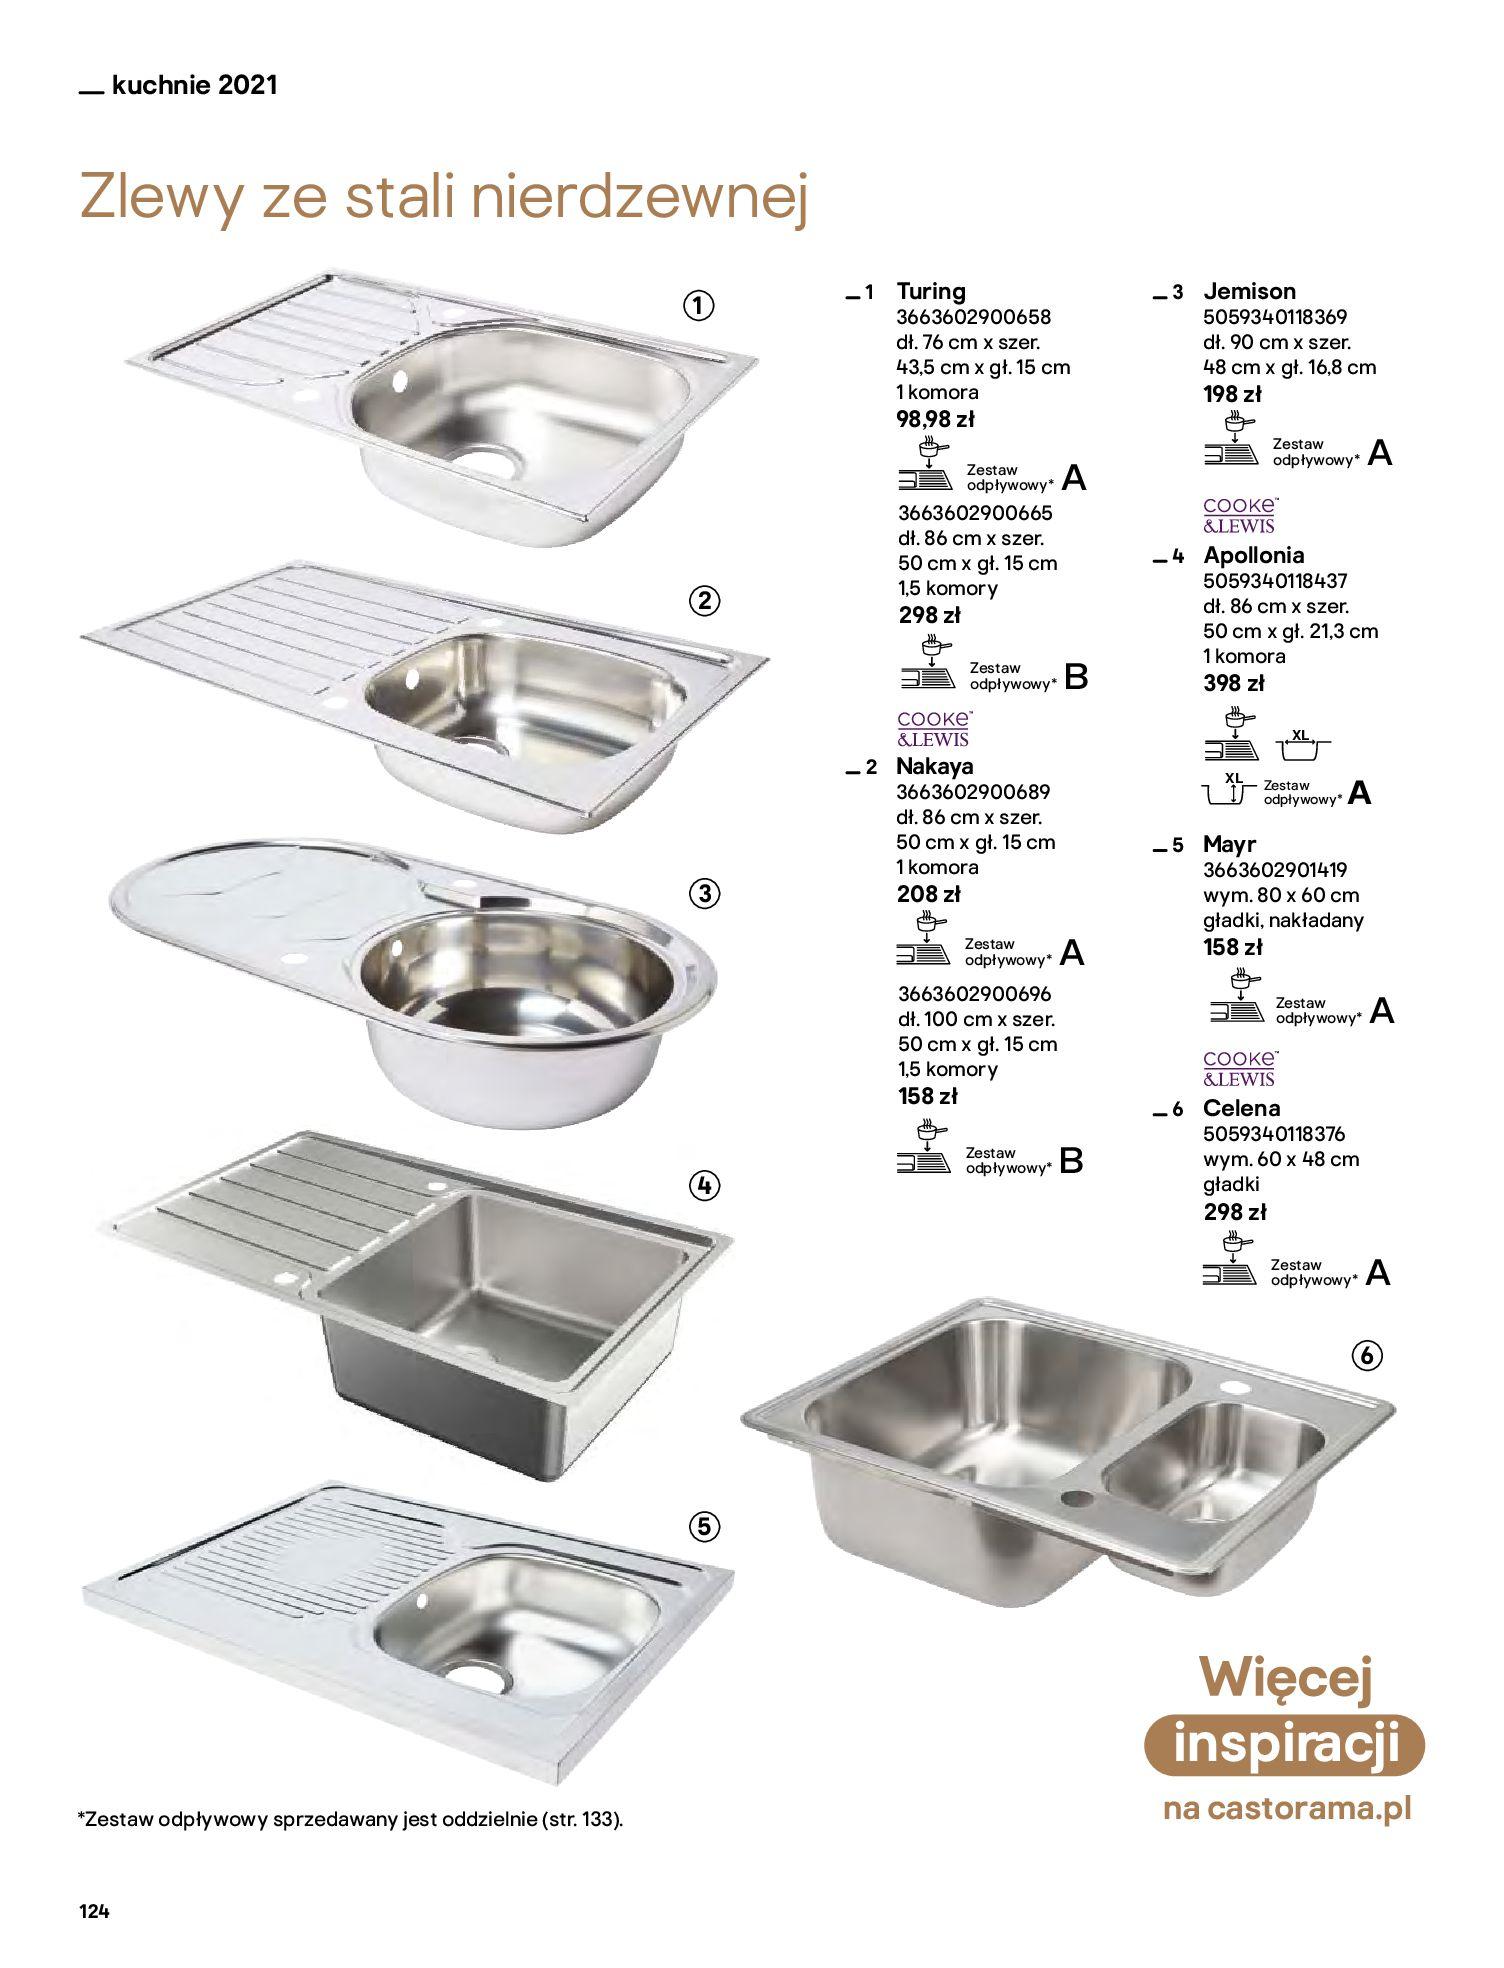 Gazetka Castorama: Katalog kuchnie 2021 2021-05-04 page-124